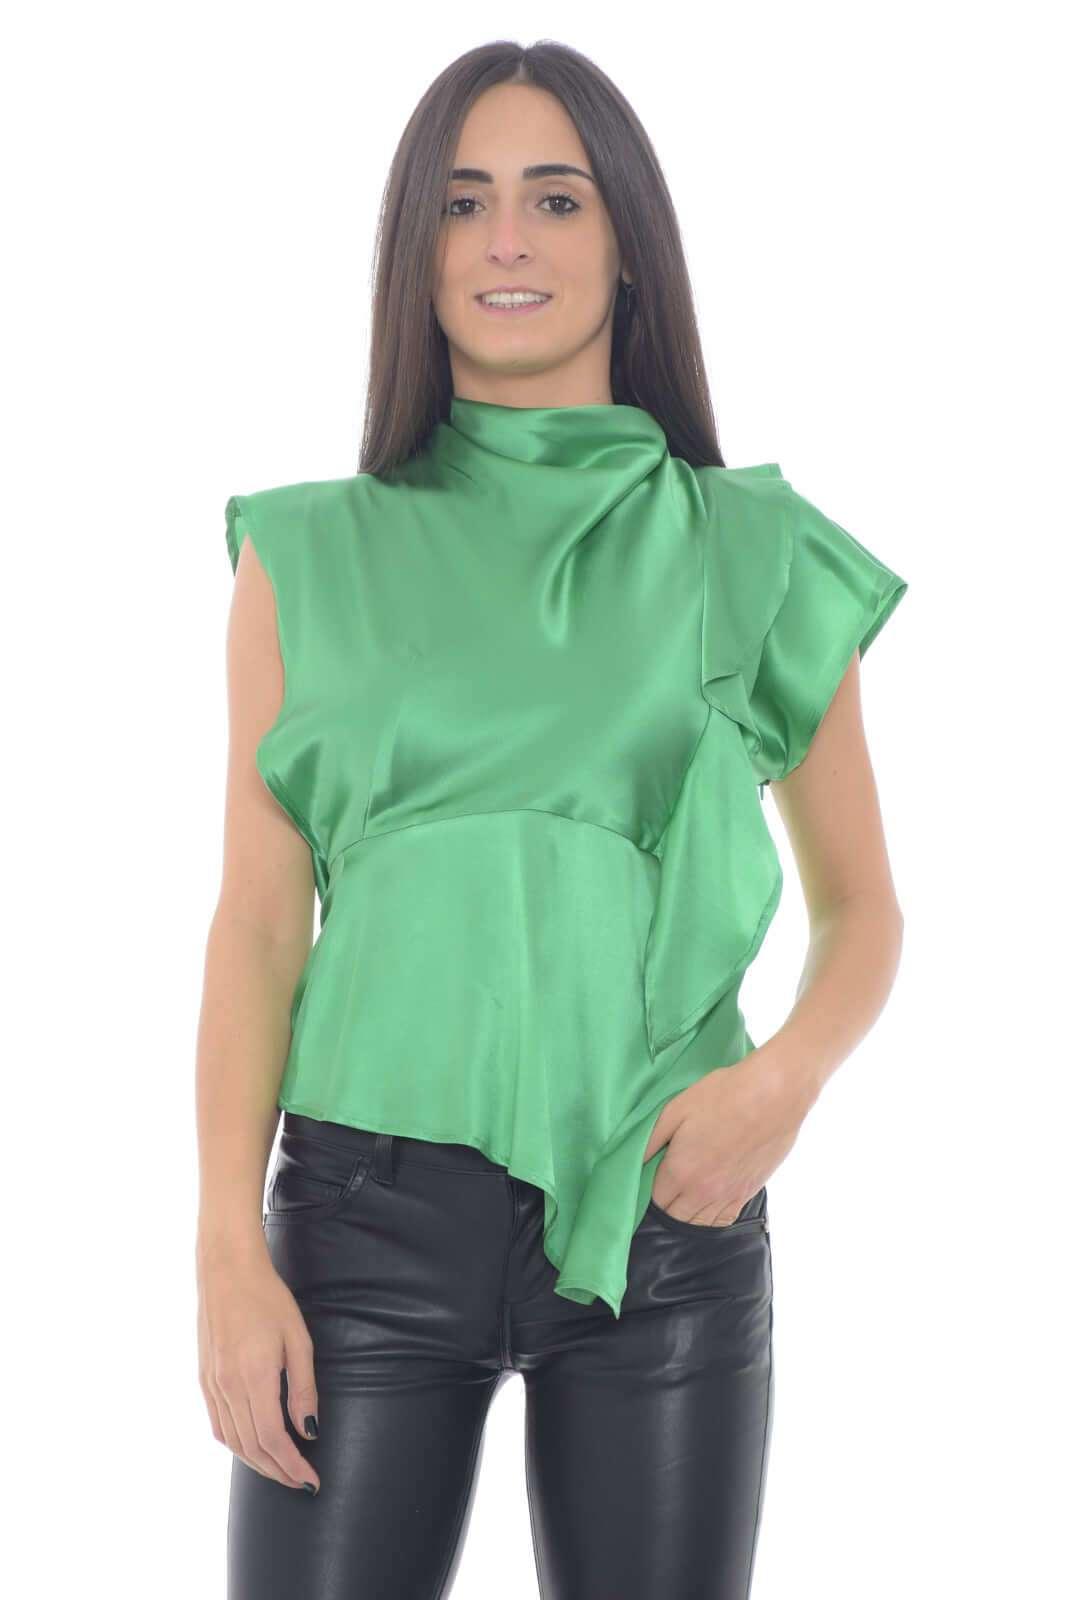 Una blusa di seta quella firmata Emma & Gaia, per la donna che ama indossare capi sempre all'ultimo grido. L'ideale per le serate speciali, dove con una gonna, o pantalone, potrai sfoggiare look ricercati e da sogno.  La modella è alta 1,75m e indossa la taglia 40.